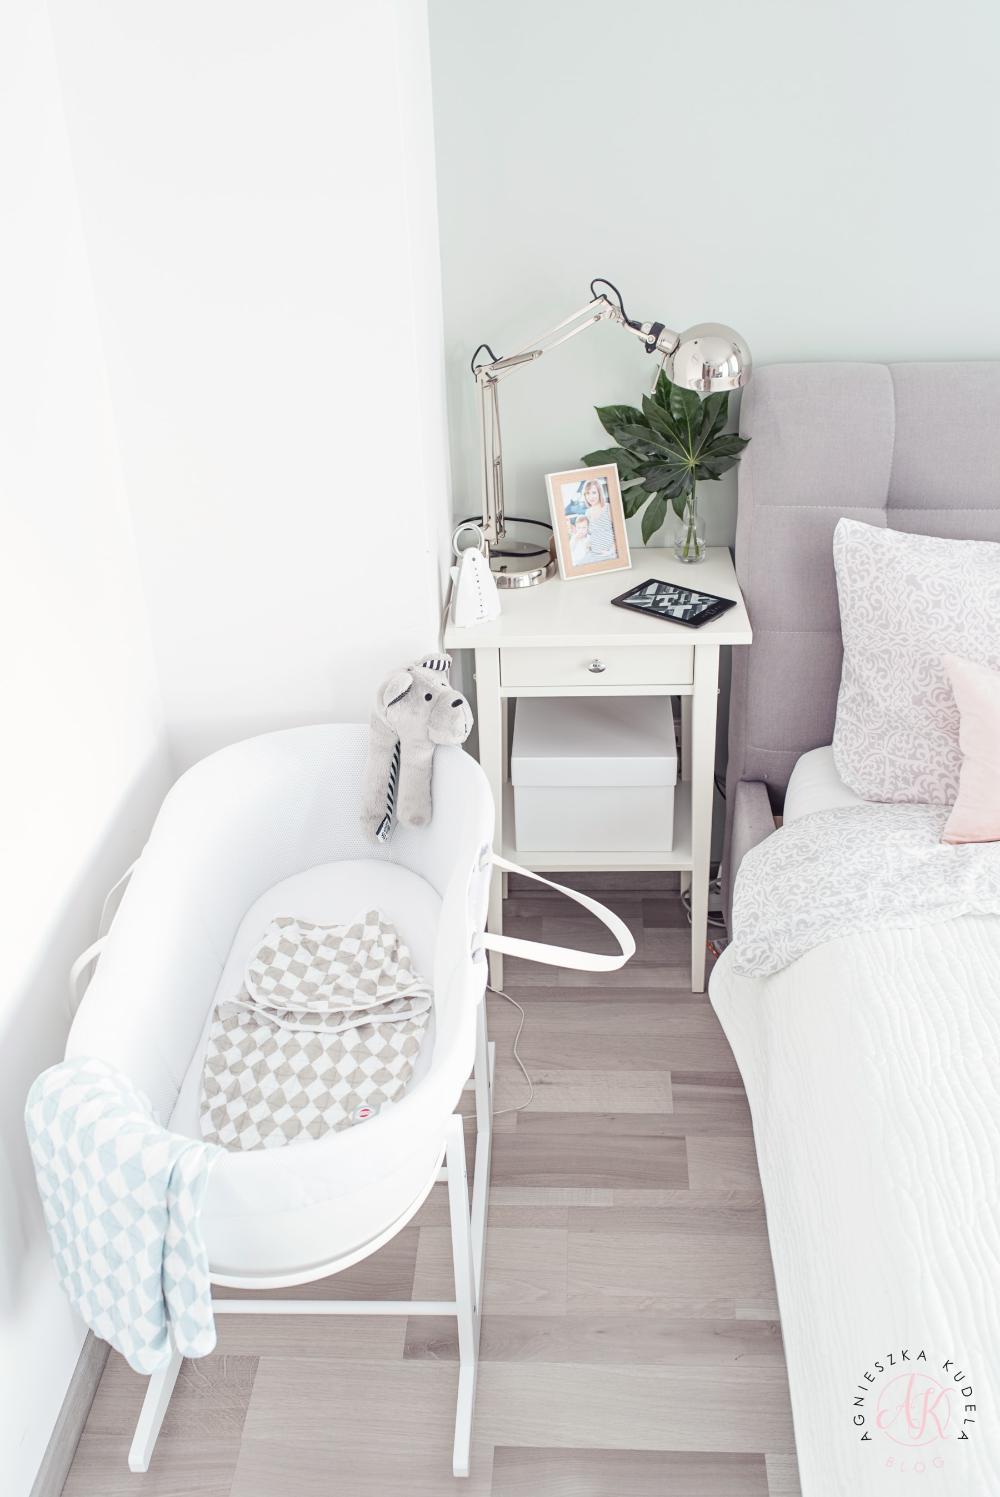 Jak Urzadzic Kacik Do Spania Dla Noworodka I Zapewnic Mu Bezpieczny Sen Blog Furniture Home Decor Bassinet